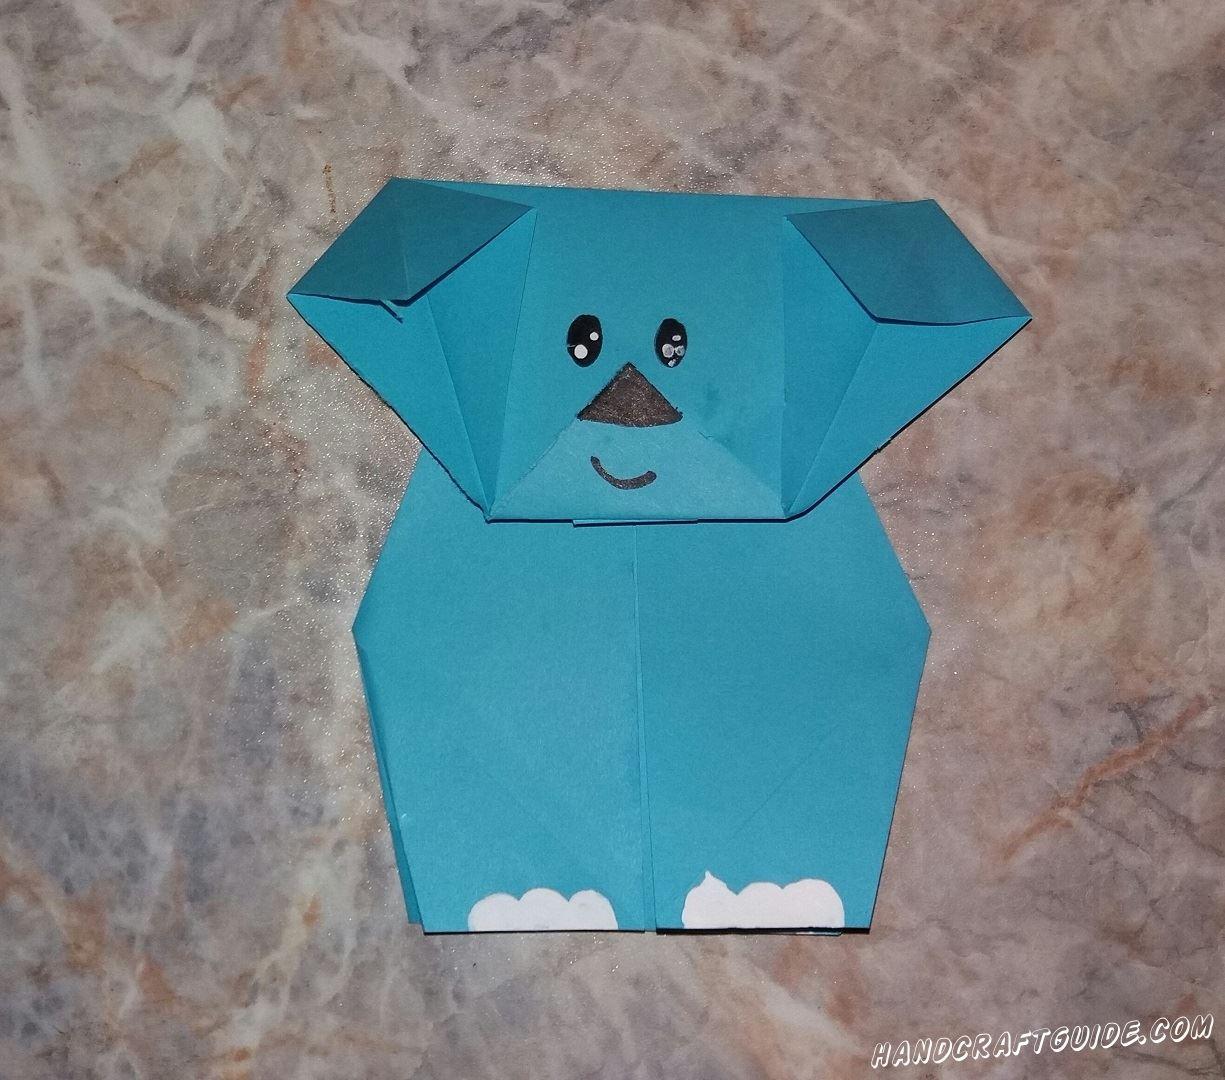 Вместе мы обязательно изучим искусство оригами, шаг за шагом. До новых встреч, друзья!